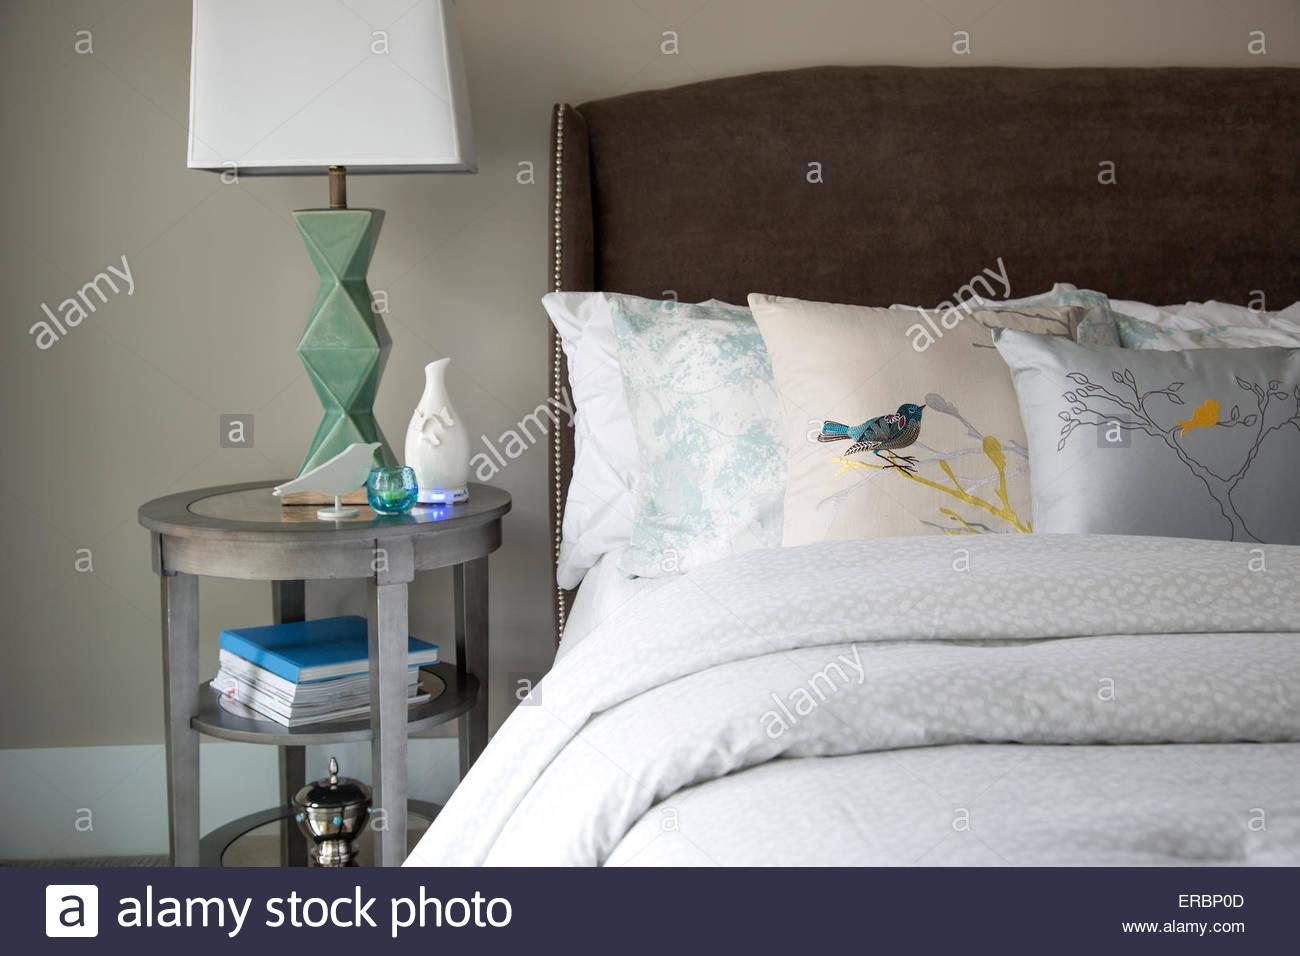 Oreillers oiseaux sur lit élégant Photo Stock